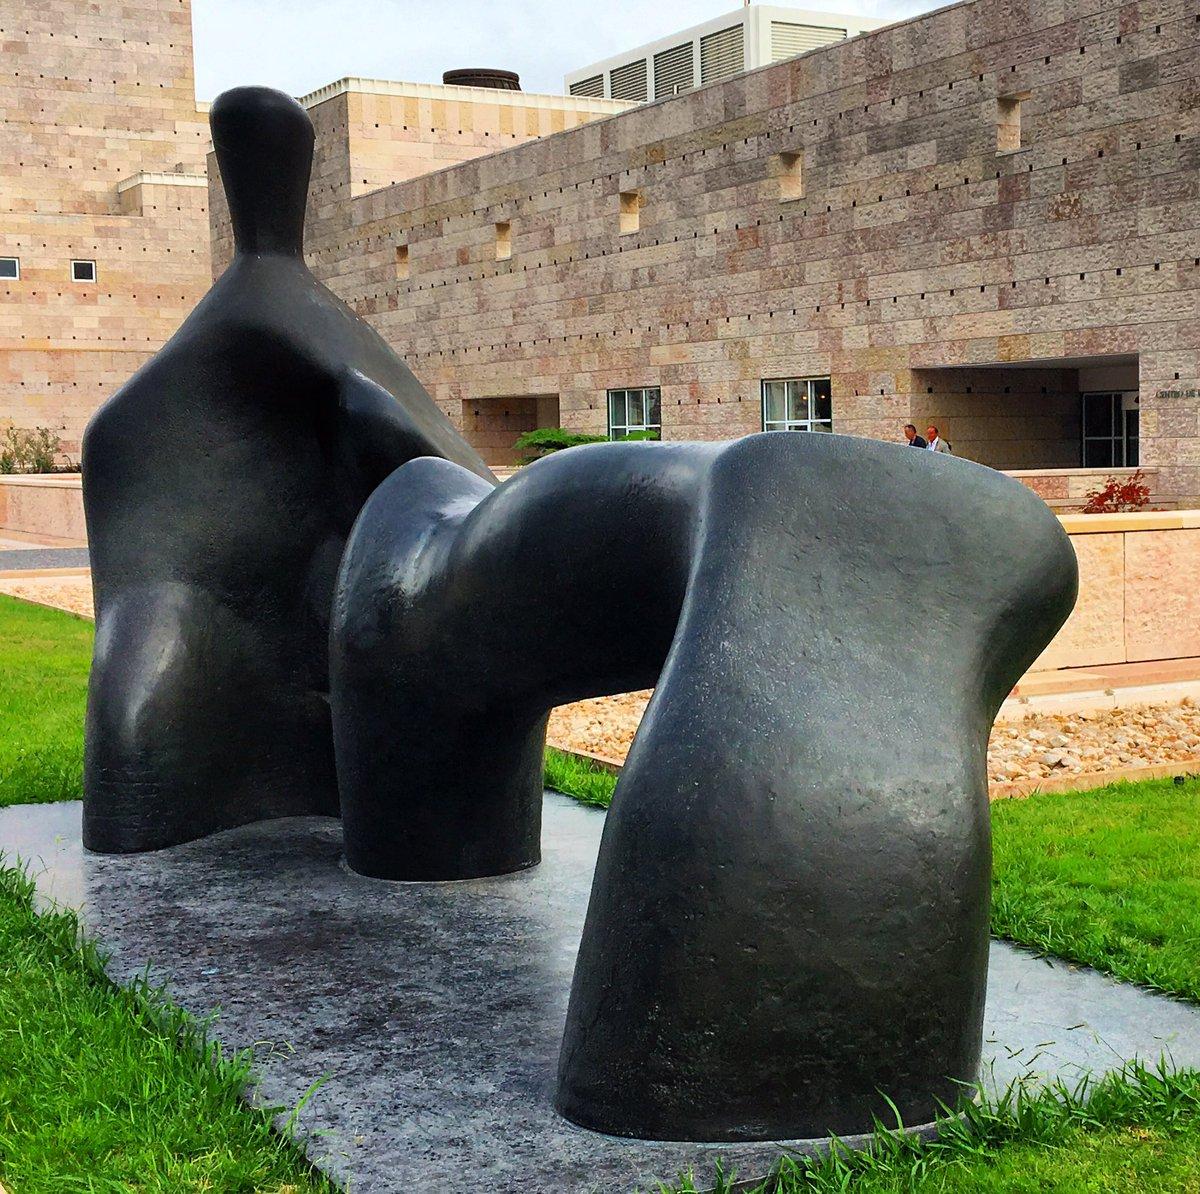 Shapes V #HenryMoore @museuberardo #belem #lisboa #lisbon #shapes @Tate<br>http://pic.twitter.com/W8NmOJHhGr